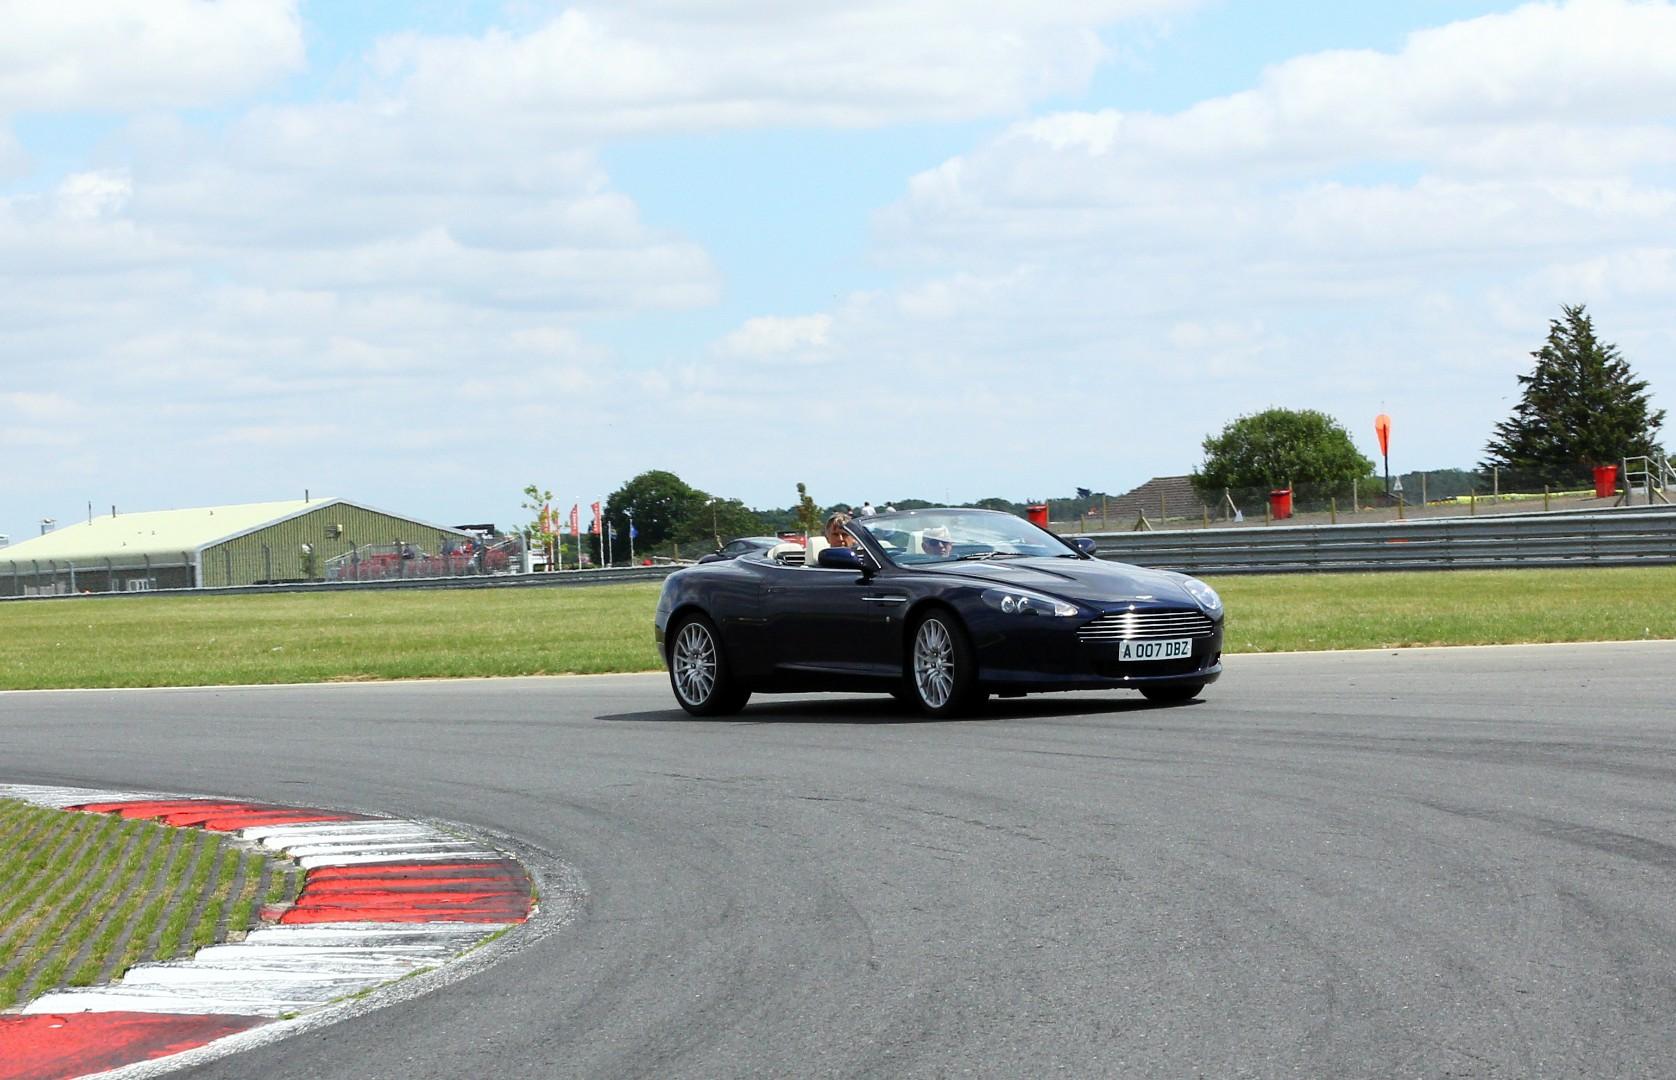 snetterton-track1_35674009362_o.jpg